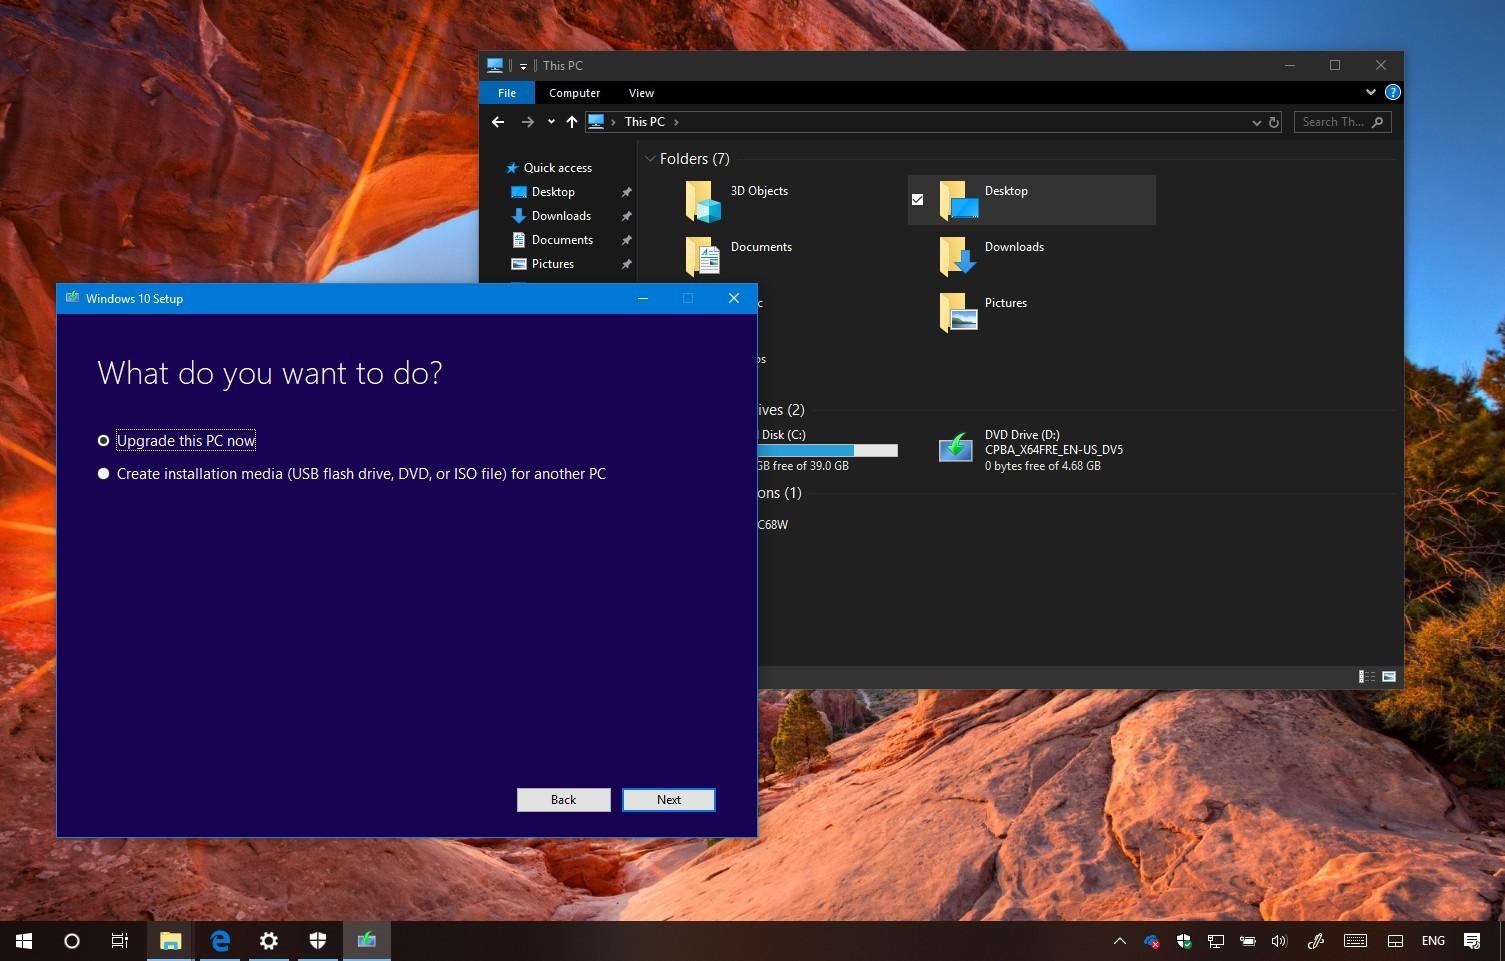 windows 10 october 2018 update 1809 iso download